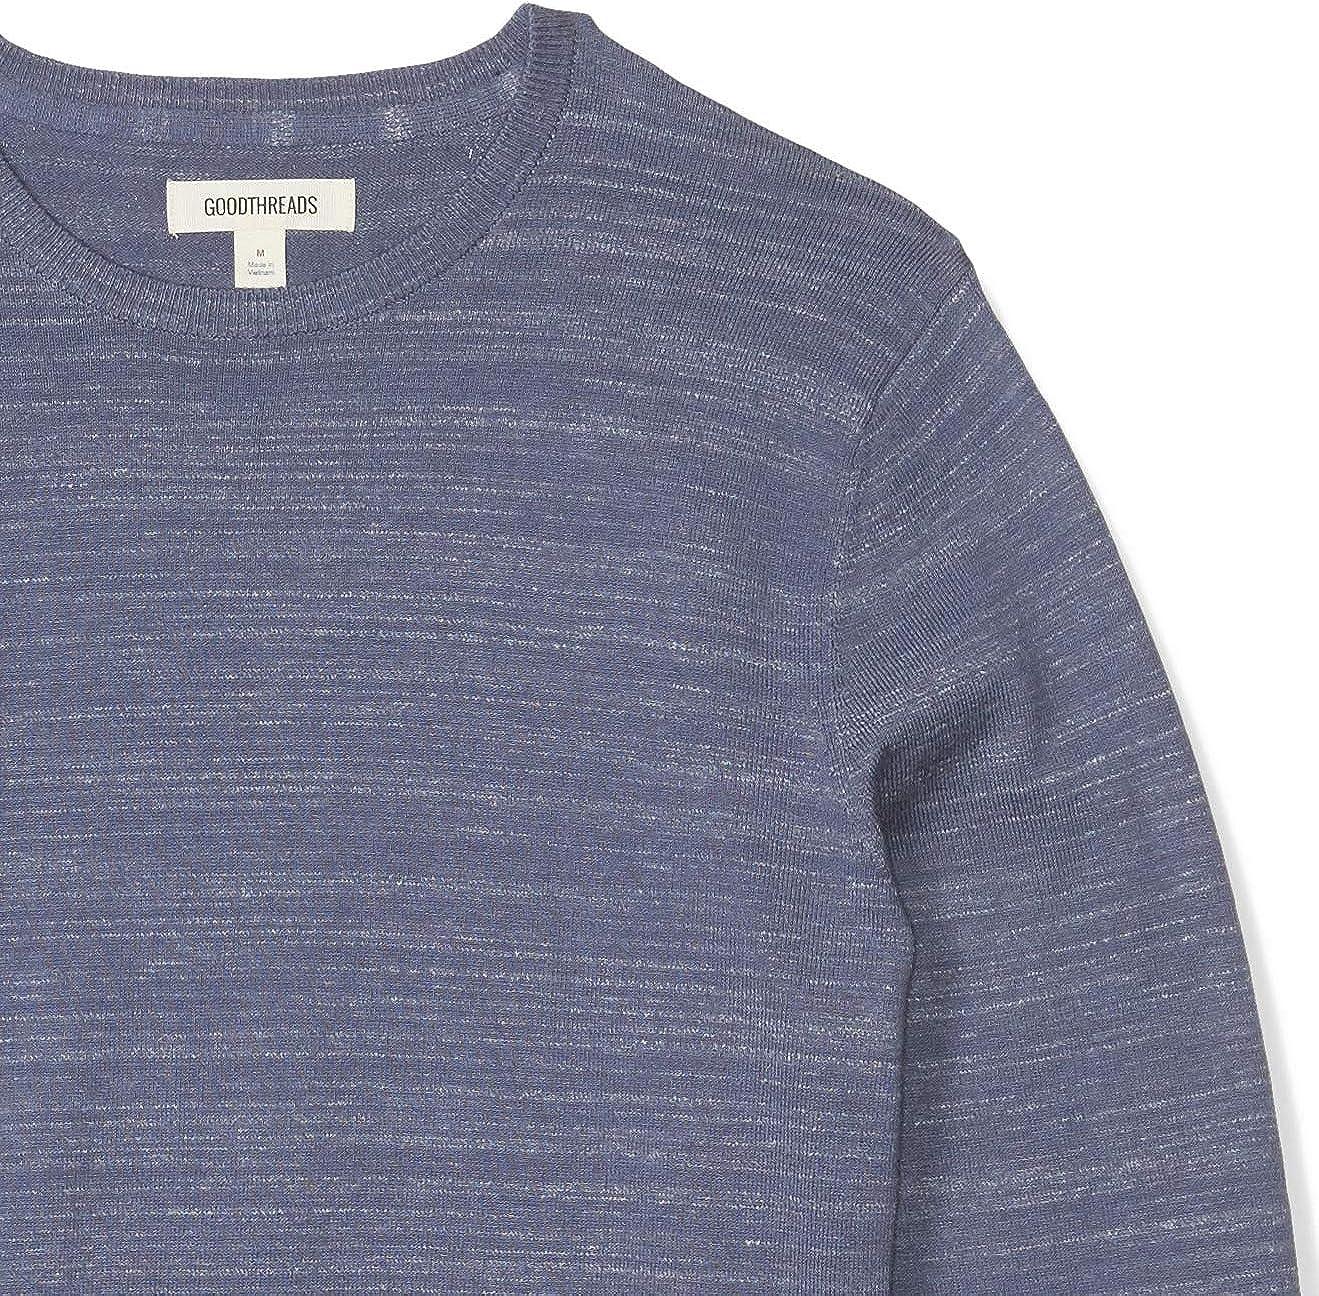 Goodthreads Men's Soft Cotton Crewneck Summer Sweater